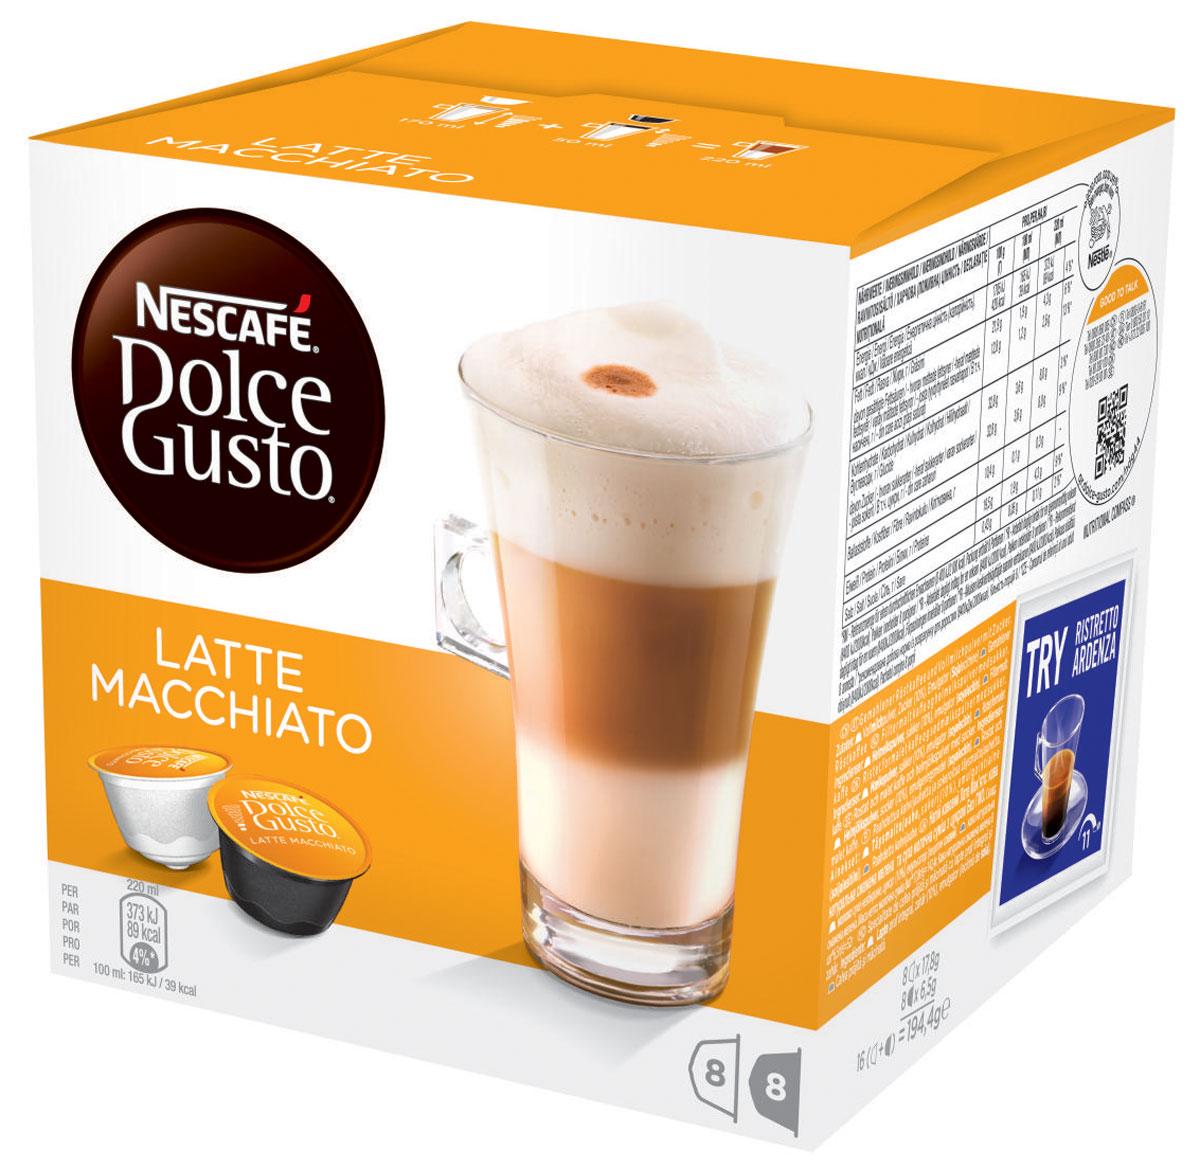 Nescafe Dolce Gusto Latte Macchiato кофе в капсулах, 16 шт0120710Nescafe Dolce Gusto Latte Macchiato – перевернутый вверх дном латте с небольшой изюминкой. Великолепный, мягкий, со сладковатыми оттенками, капсульный Latte Macchiato превращается в удивительный напиток, который будет восхищать вас каждый раз.Молоко цвета бисквита в качестве нижнего слоя, переходящее в более темный слой кофе, создаст атмосферу настоящего праздника. Latte Macchiato с итальянского переводится как подкрашенное молоко. Эспрессо наливается поверх молока, создавая своеобразный слоистый узор, который ни с чем не спутаешь, и затем переходит в изысканную молочную пену. Latte Macchiato украшается элегантной темной кофейной точкой в качестве легко узнаваемой подписи. Вам не нужно далеко ходить, чтобы выпить такой красивый и вкусный кофе, потому что ваша кофемашина Nescafe Dolce Gusto способна создать напиток на уровне кофейни прямо у вас на кухне. Latte Macchiato поможет вам насладиться минутами для себя или же вызовет восхищение в компании друзей.В состав набора входят:8 кофейных капсул (кофе натуральный жареный молотый)8 молочных капсул (сухое цельное молоко, сахар, эмульгатор (соевый лецитин))